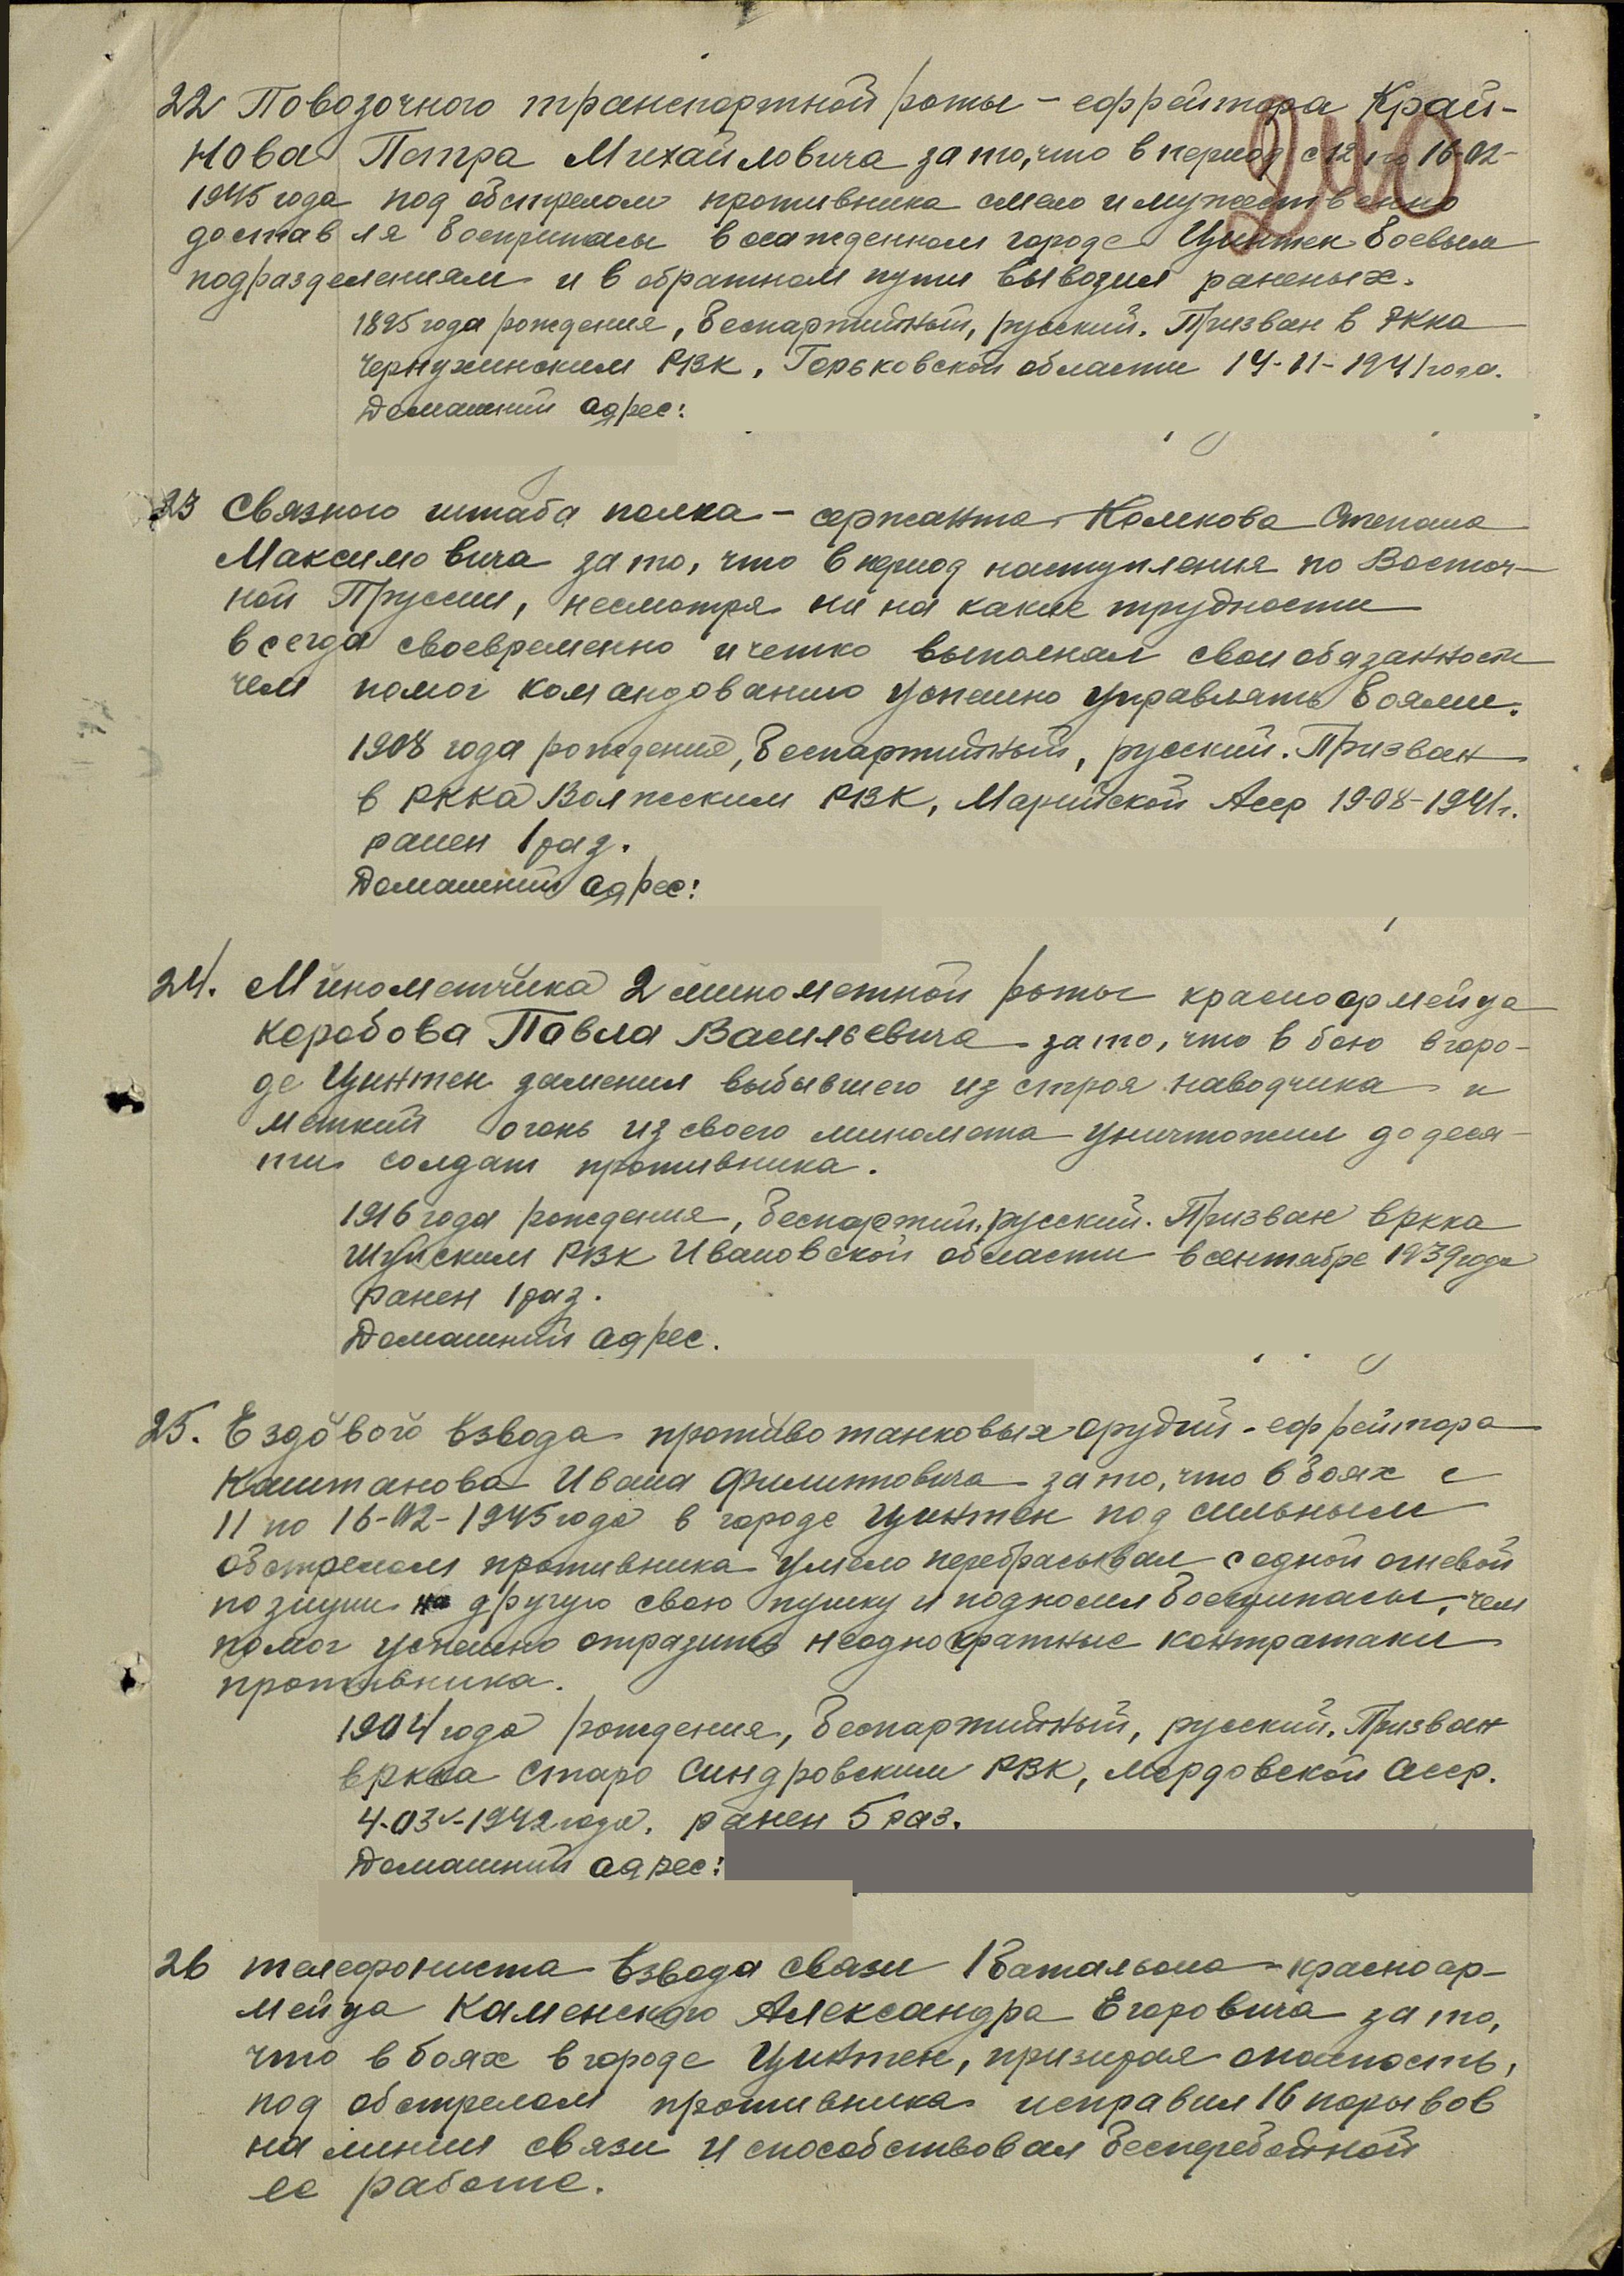 Выписка из приказа о награждении Крайнова Петра Михайловича медалью за боевые заслуги